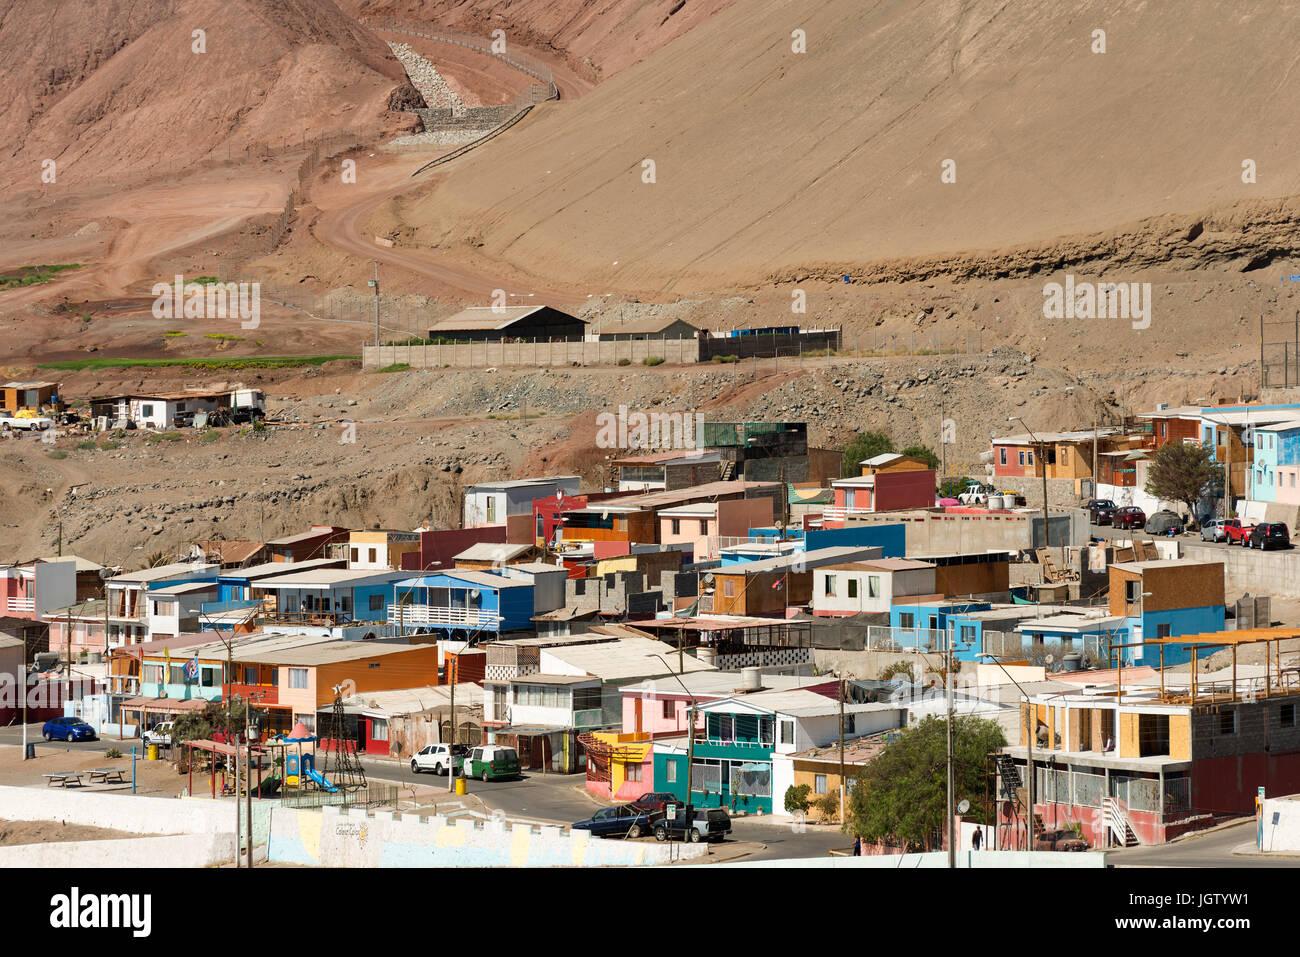 Antofagasta, Regione di Antofagasta, Cile - Caleta Coloso, un piccolo gruppo di case a sud della città di Antofagasta, Immagini Stock